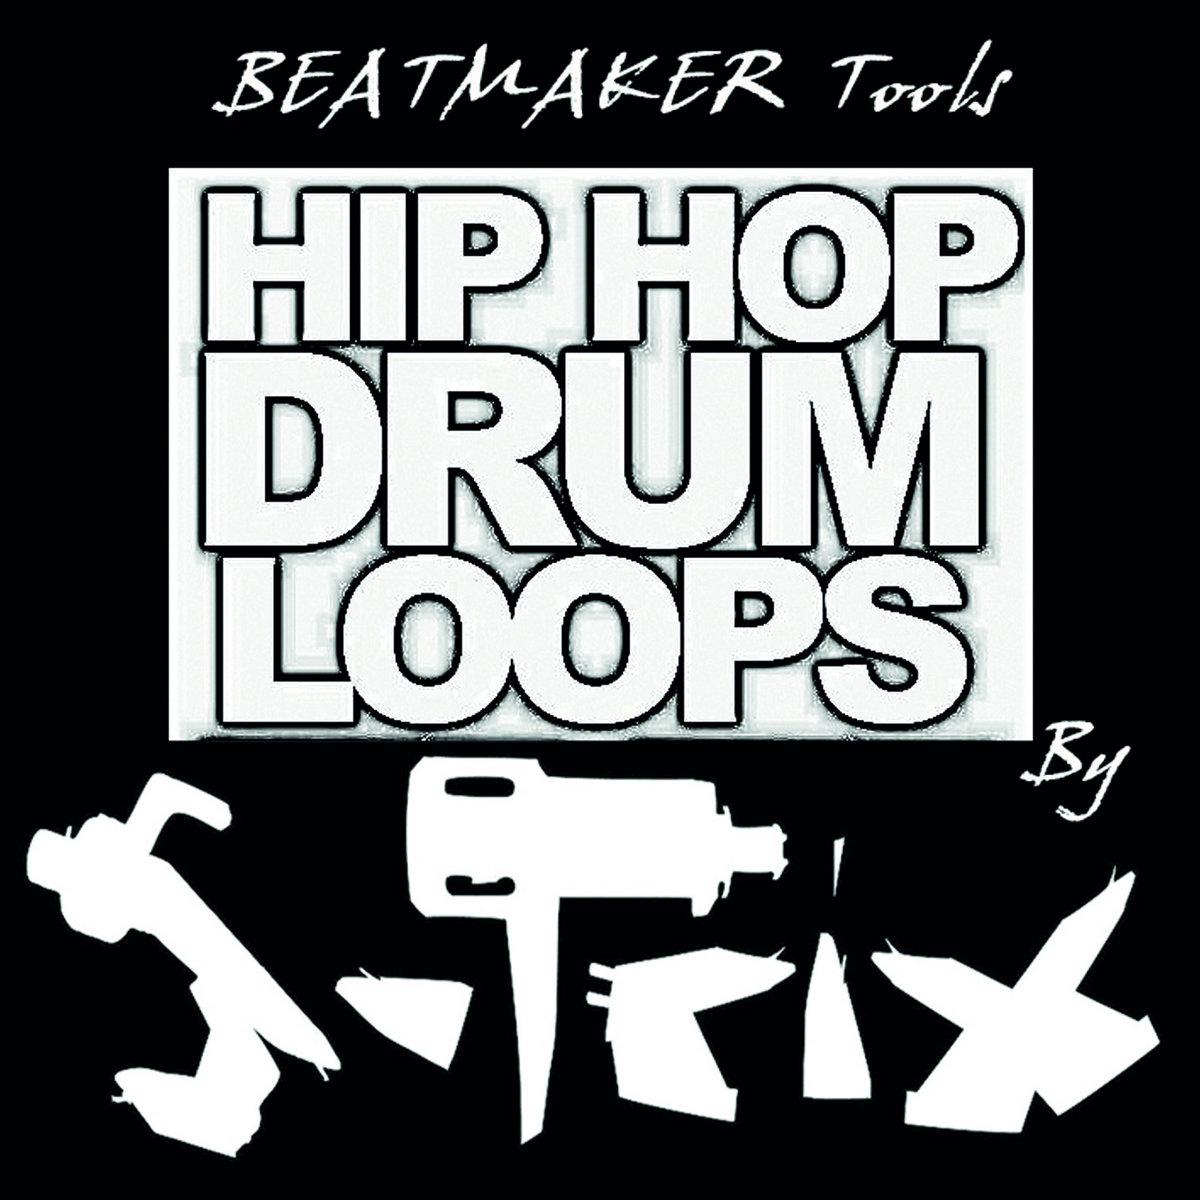 BEATMAKER TOOLS Vol 1 HIP HOP DRUMLOOPS | S-TRIX